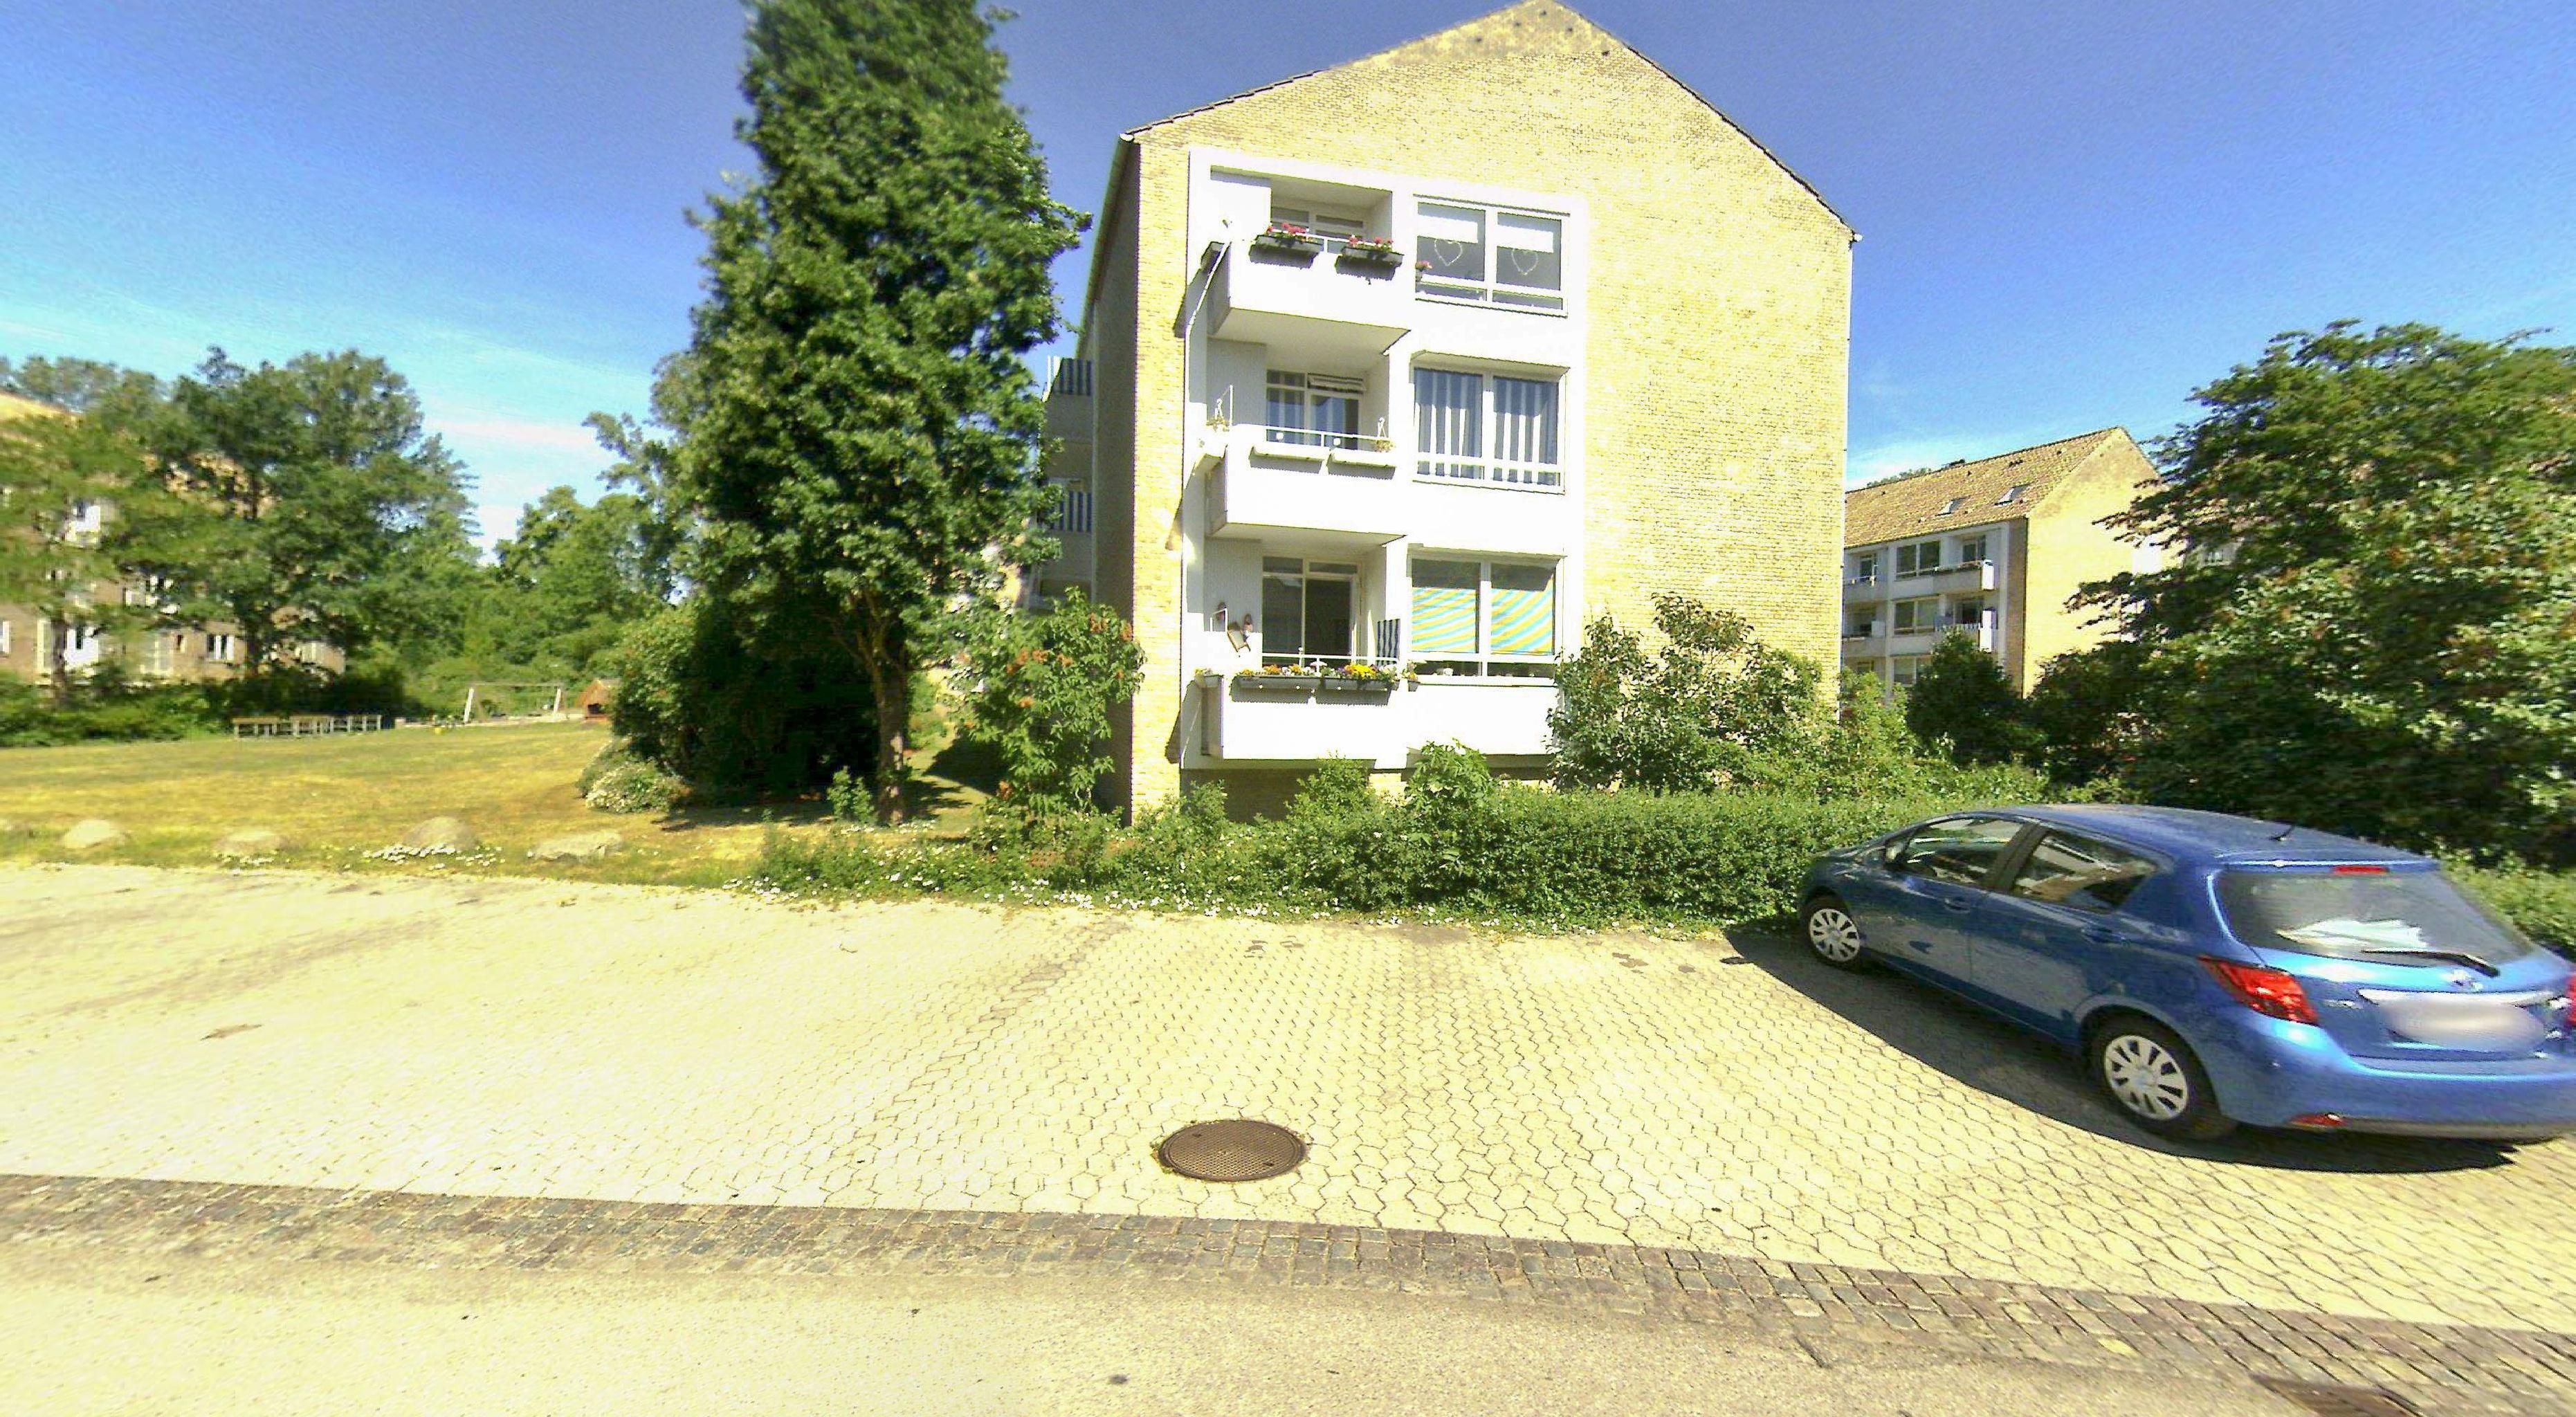 Boligafdeling Bredalsparken: Boligtype-1